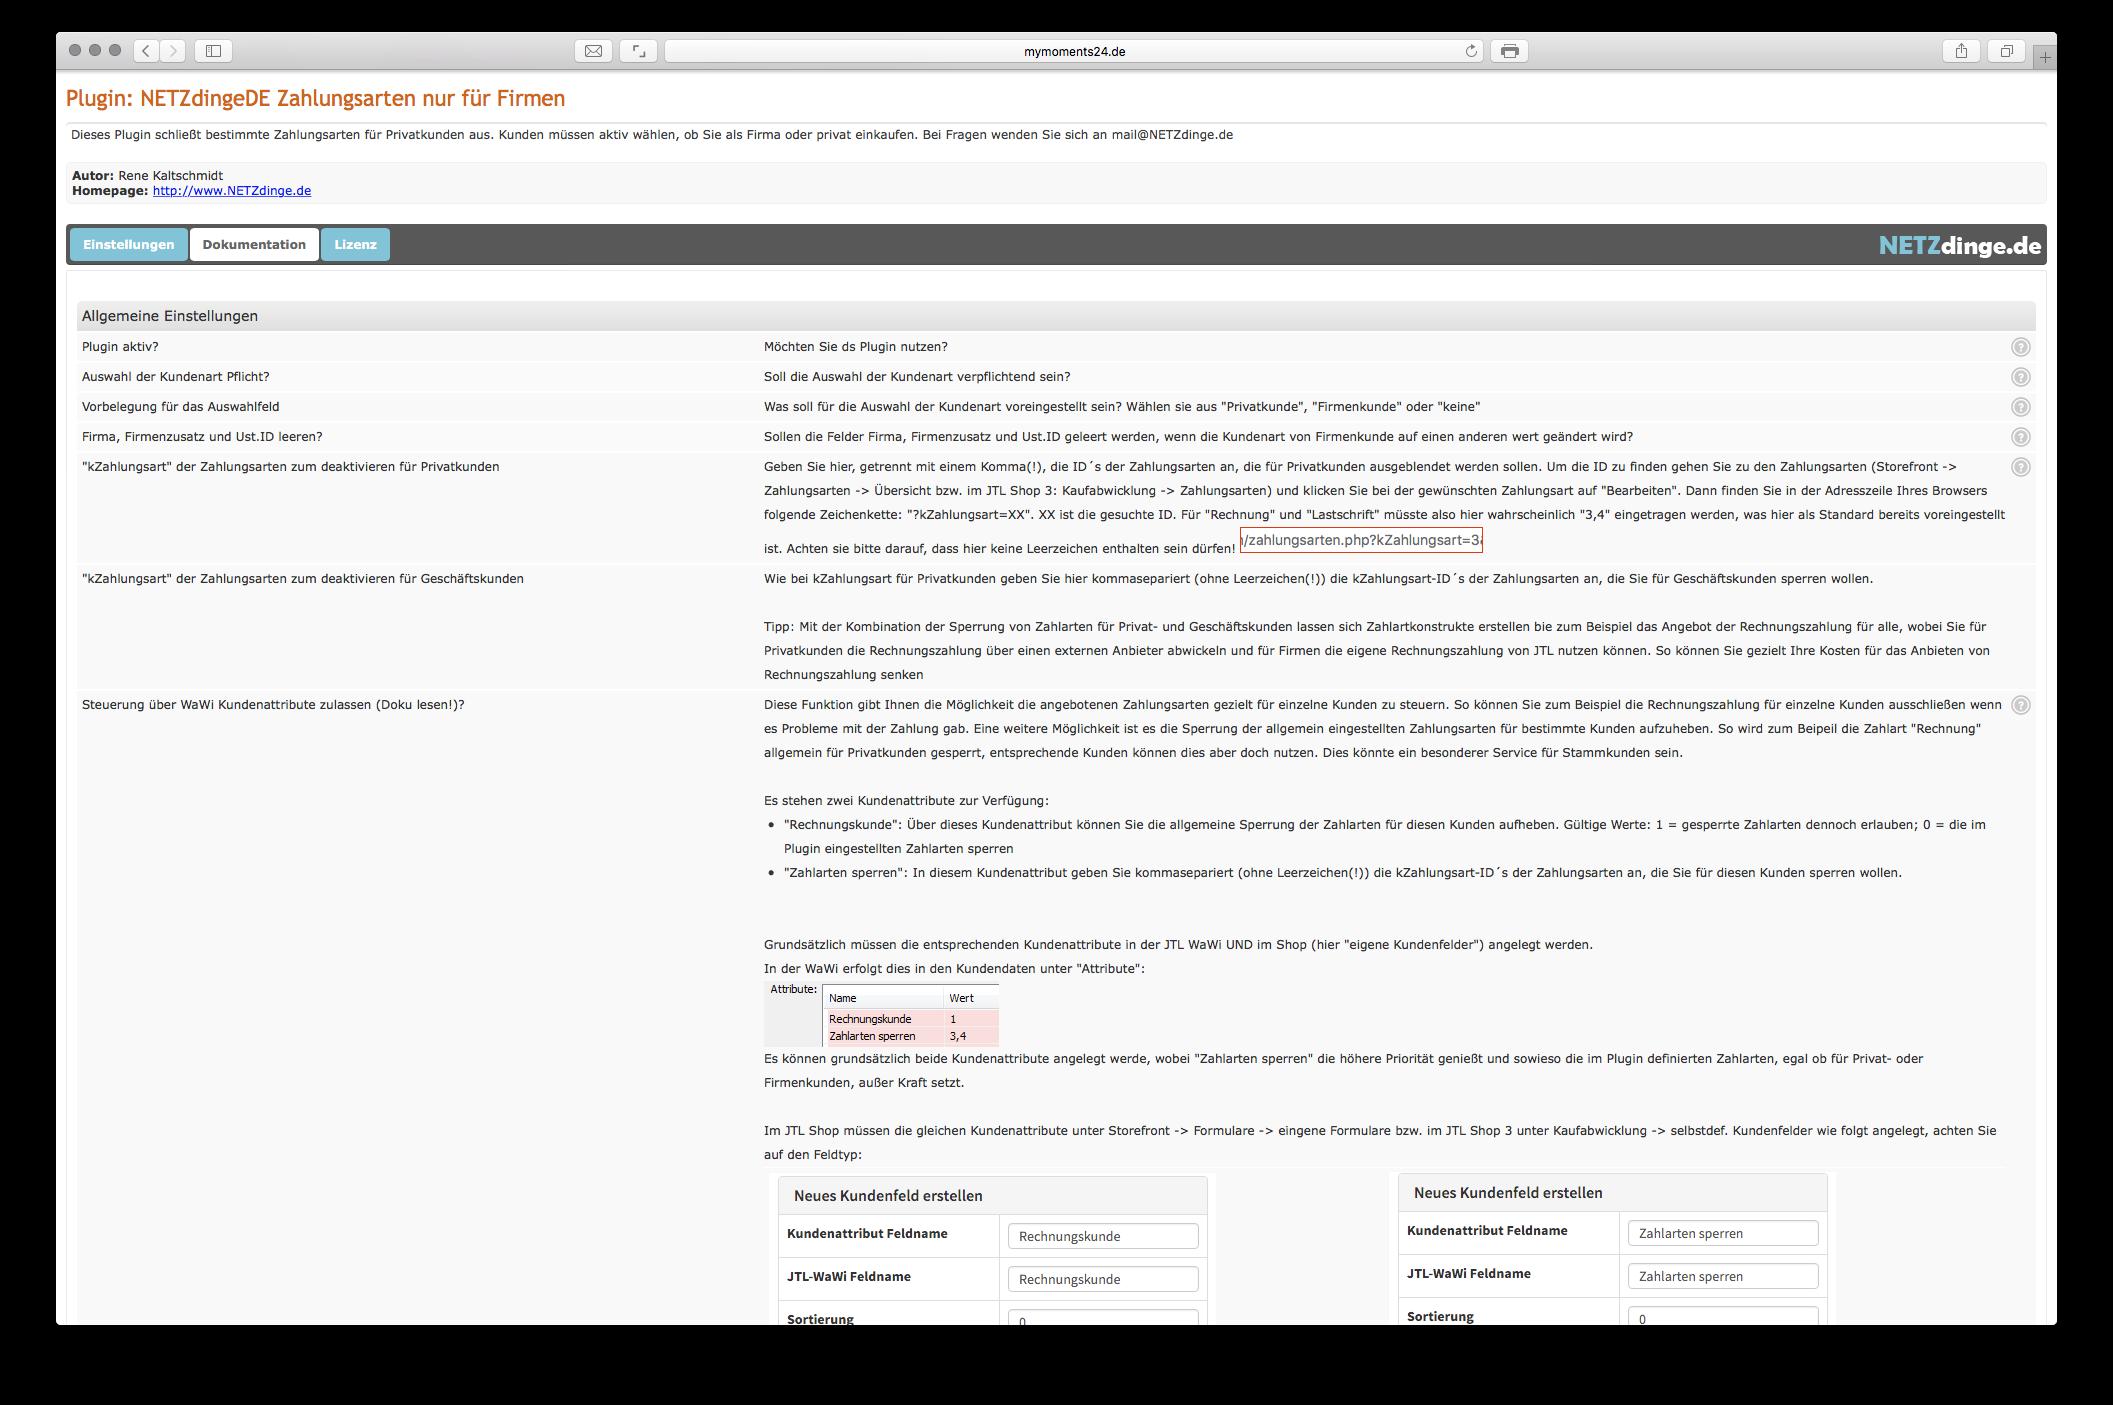 Abwahl bestimmter Zahlungsarten f�r Privatkunden by NETZdinge.de